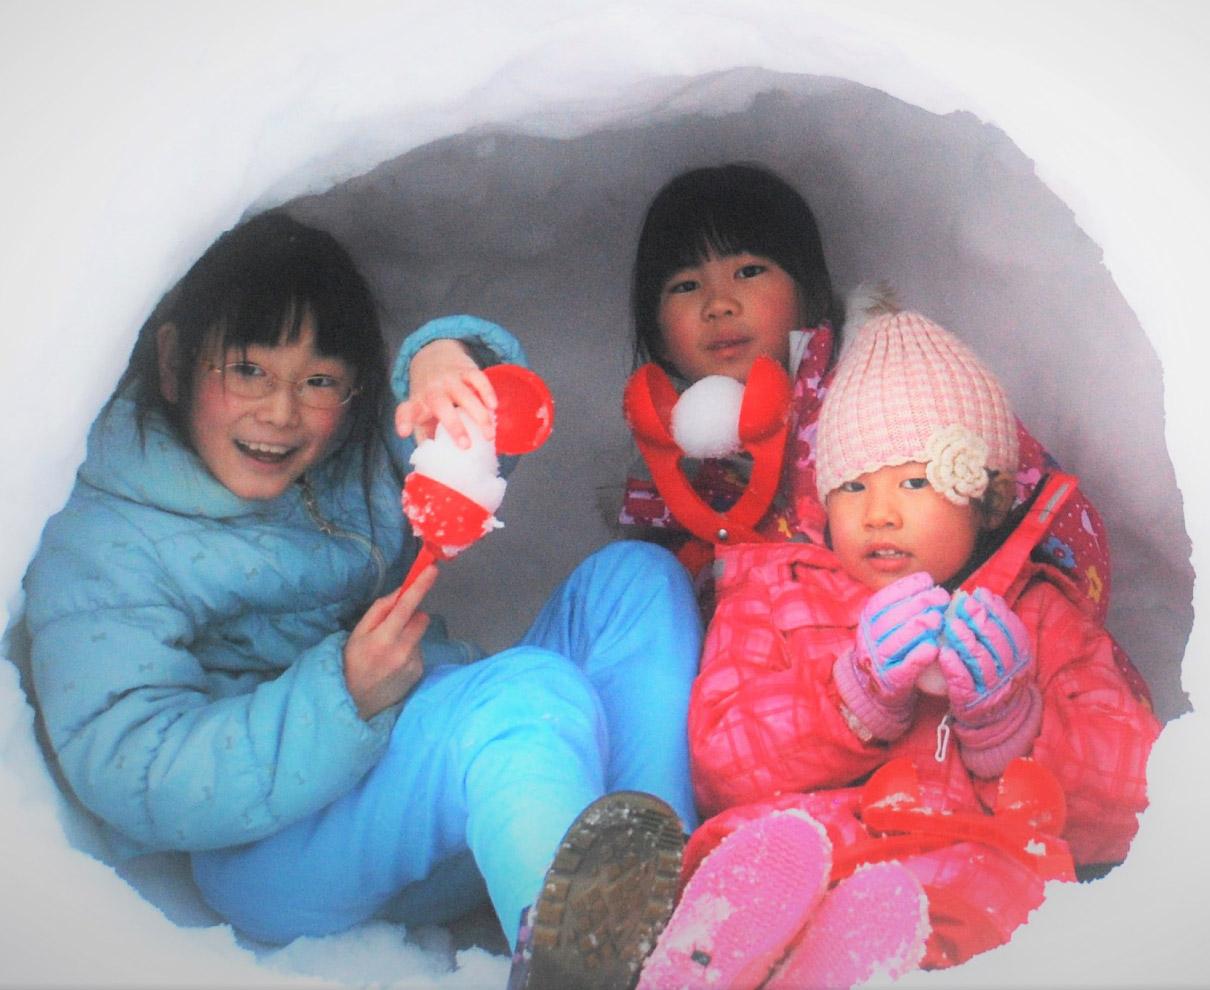 親子で遊ぶ楽しめる! 冬のおでかけスポット プレゼント応募|子育て情報